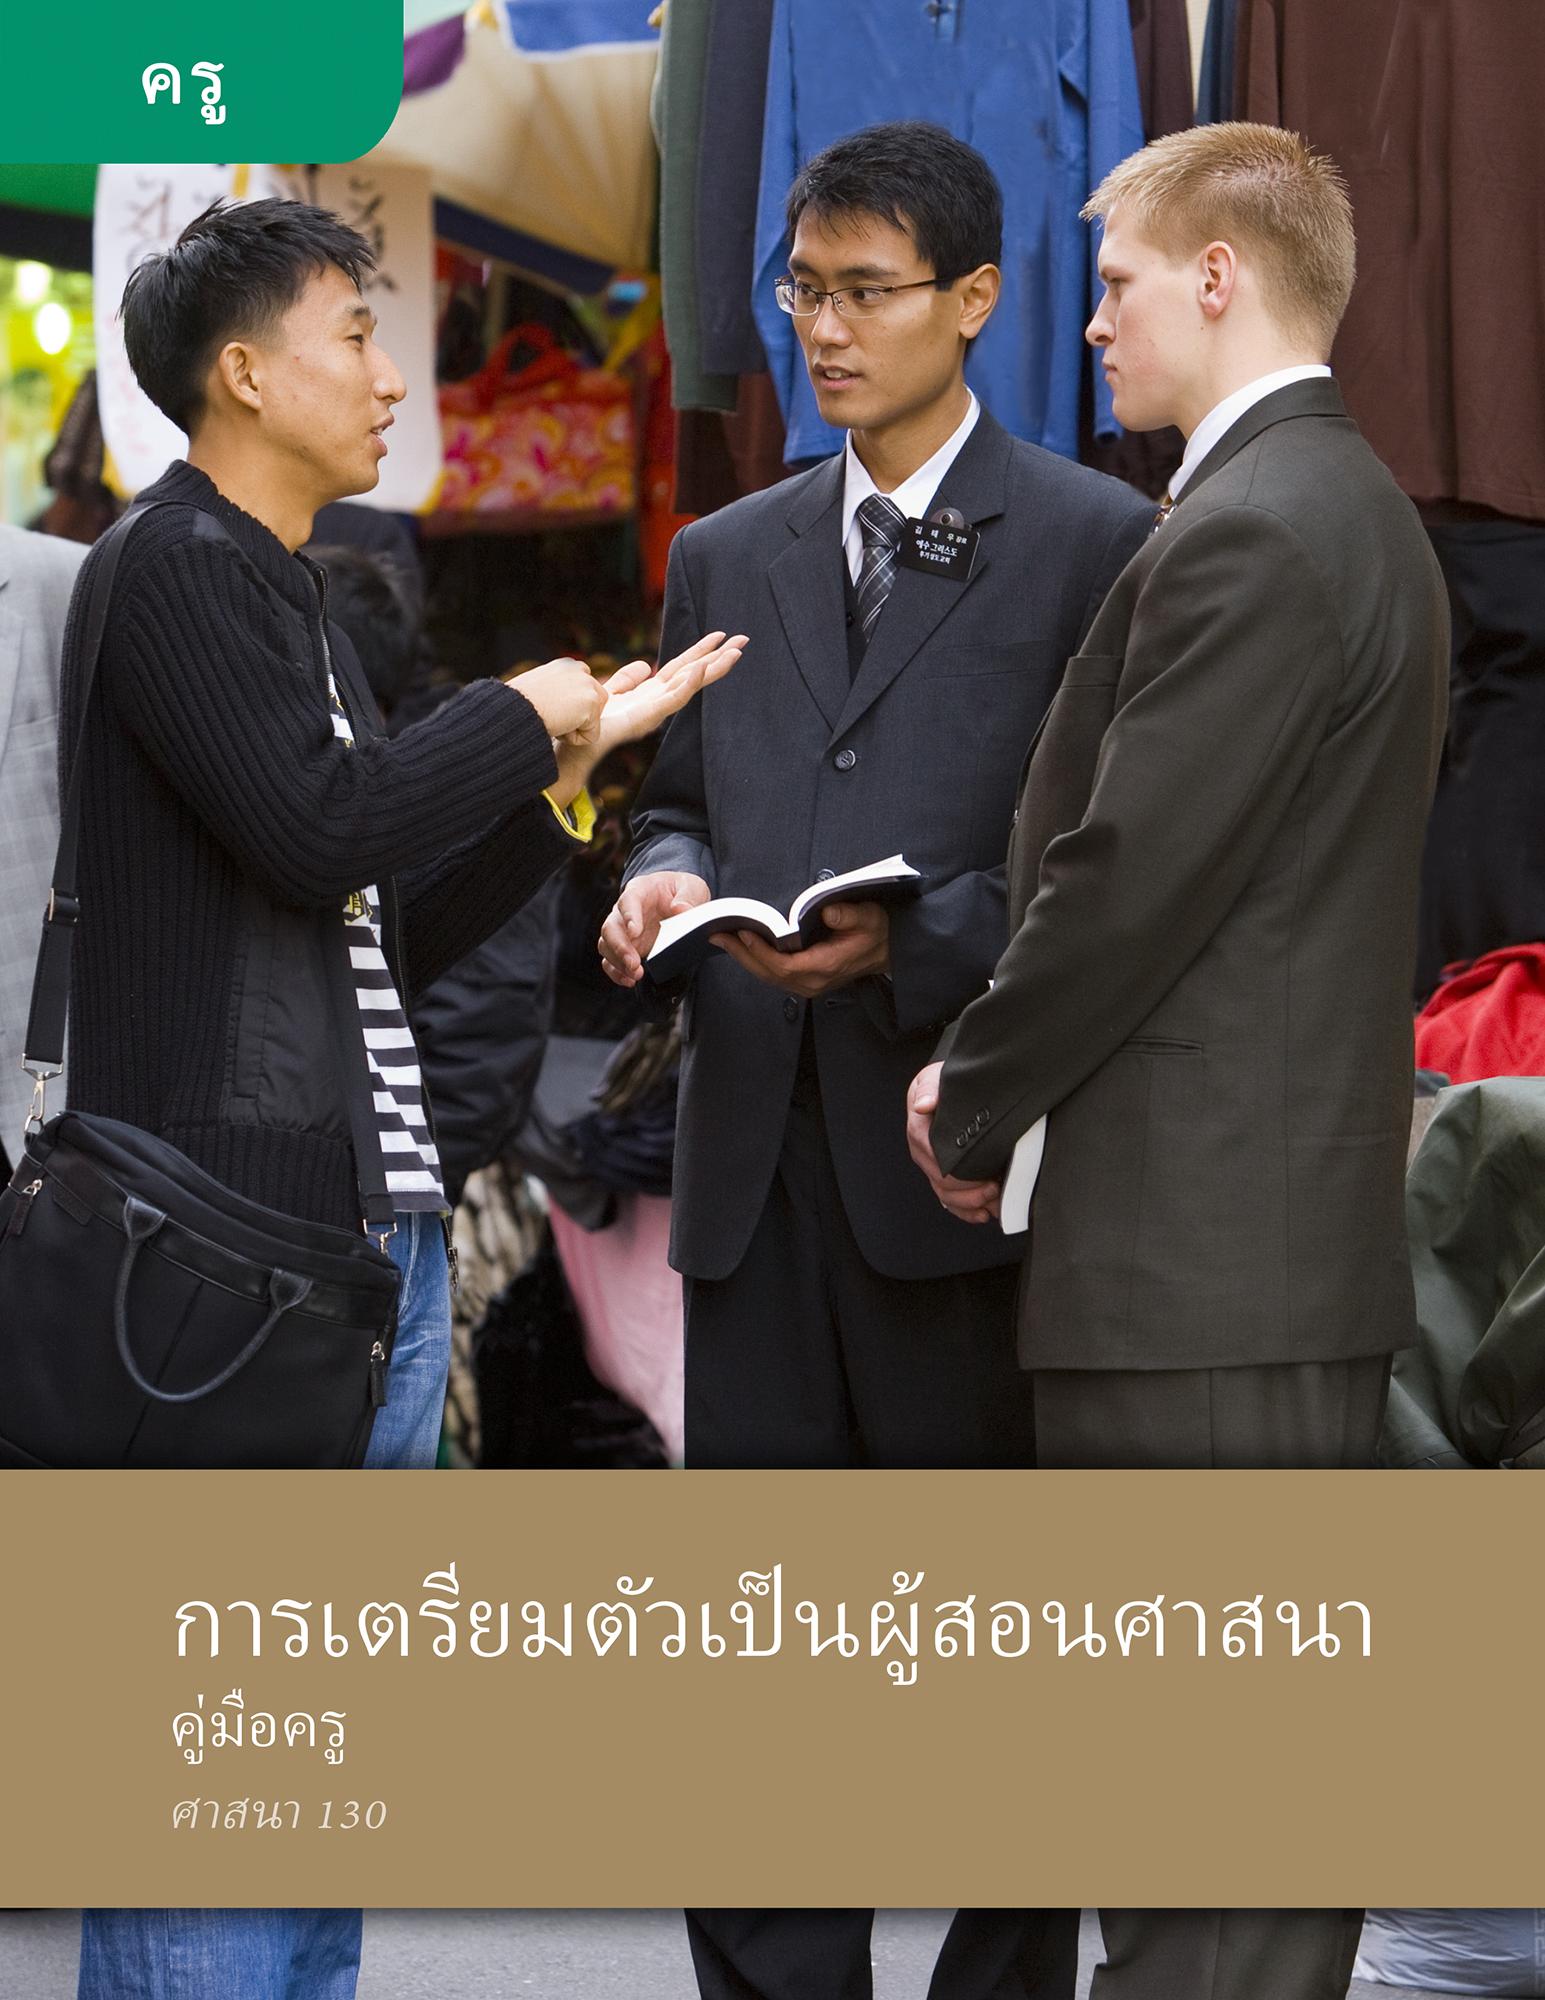 การเตรียมตัวเป็นผู้สอนศาสนา คู่มือครู (ศาสนา 130)